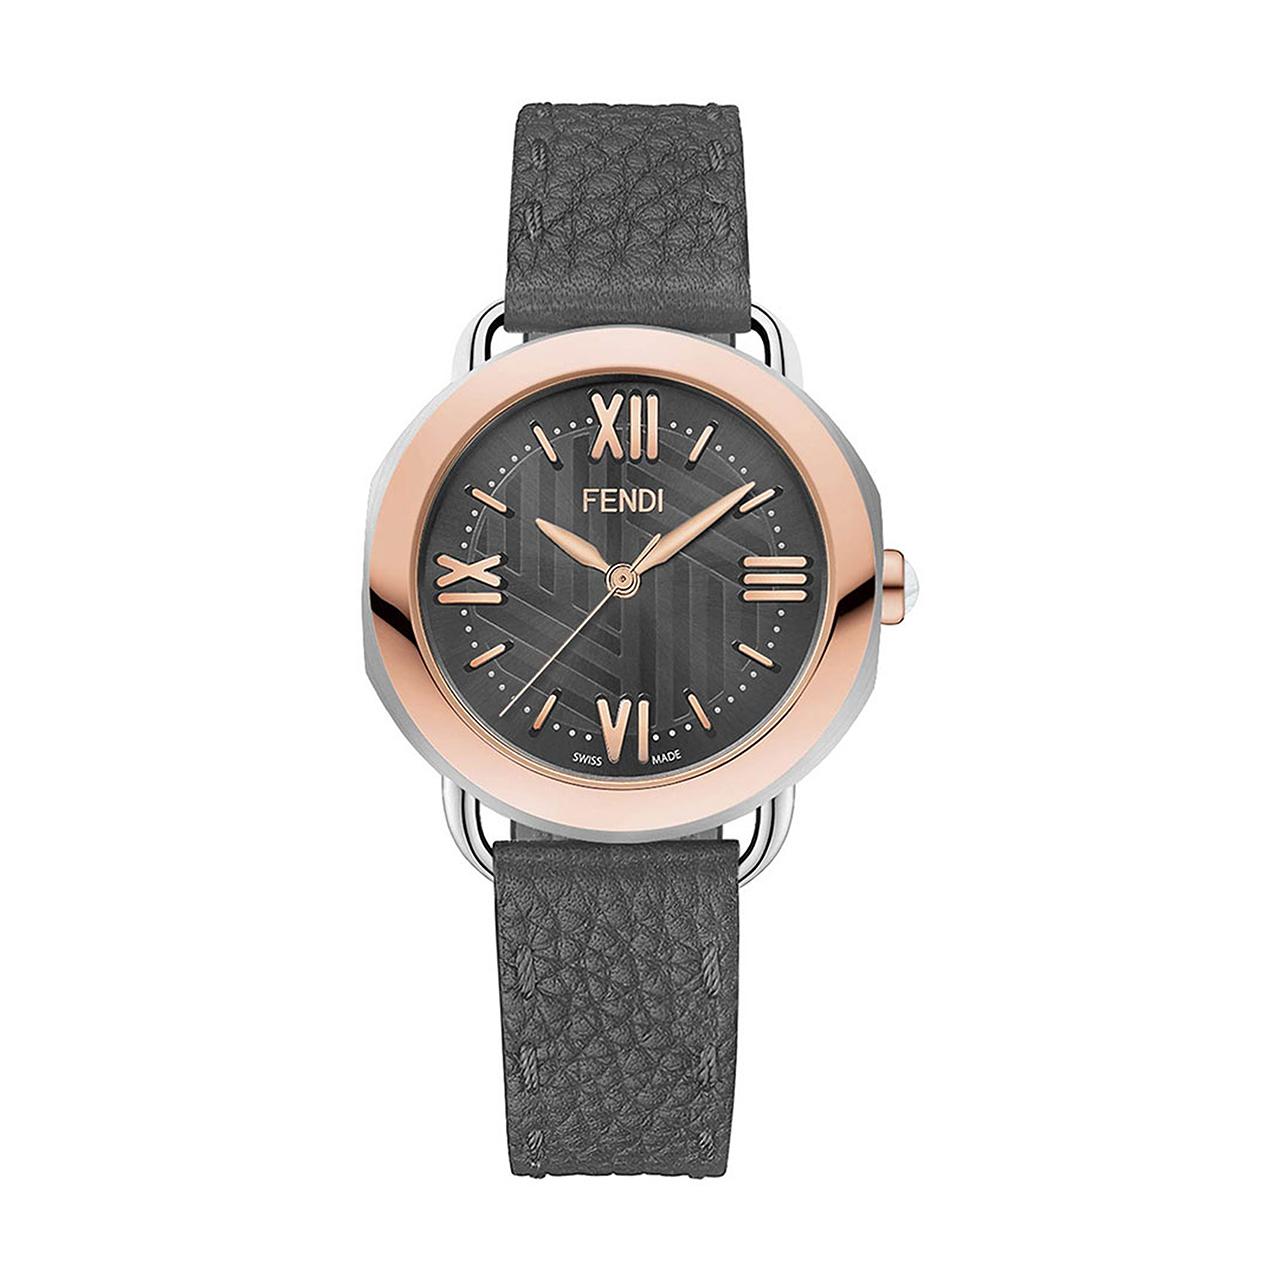 ساعت مچی عقربه ای زنانه فندی مدل F8022360H0